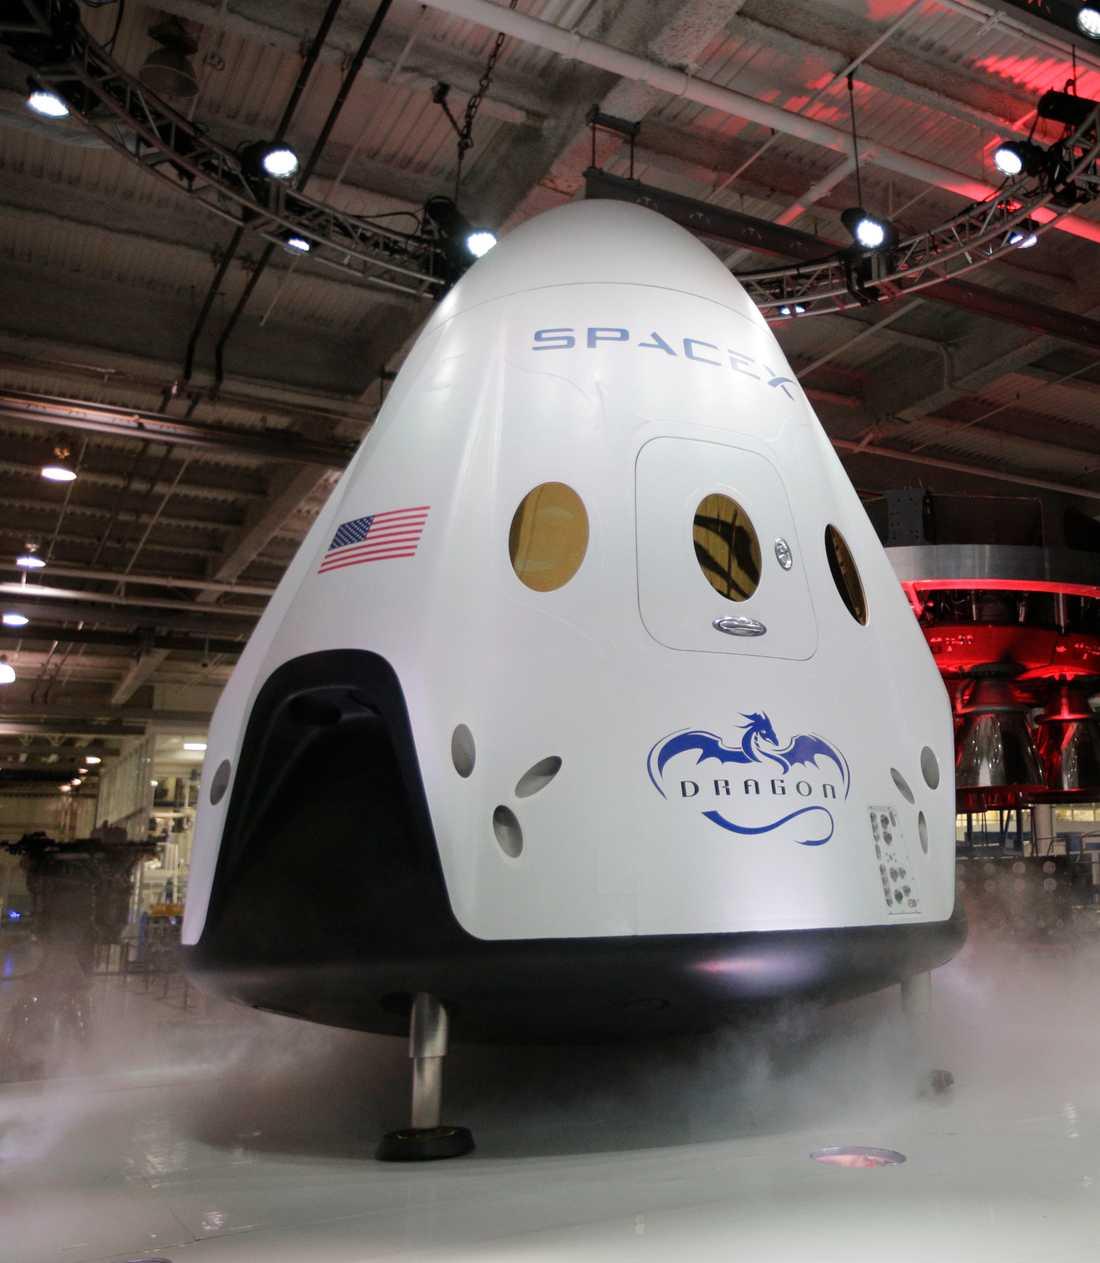 Rymdfarkosterna Dragon 2 och Starship ska båda testas redan om någon månad, skriver Elon Musk, vd för rymdföretaget SpaceX, på Twitter.